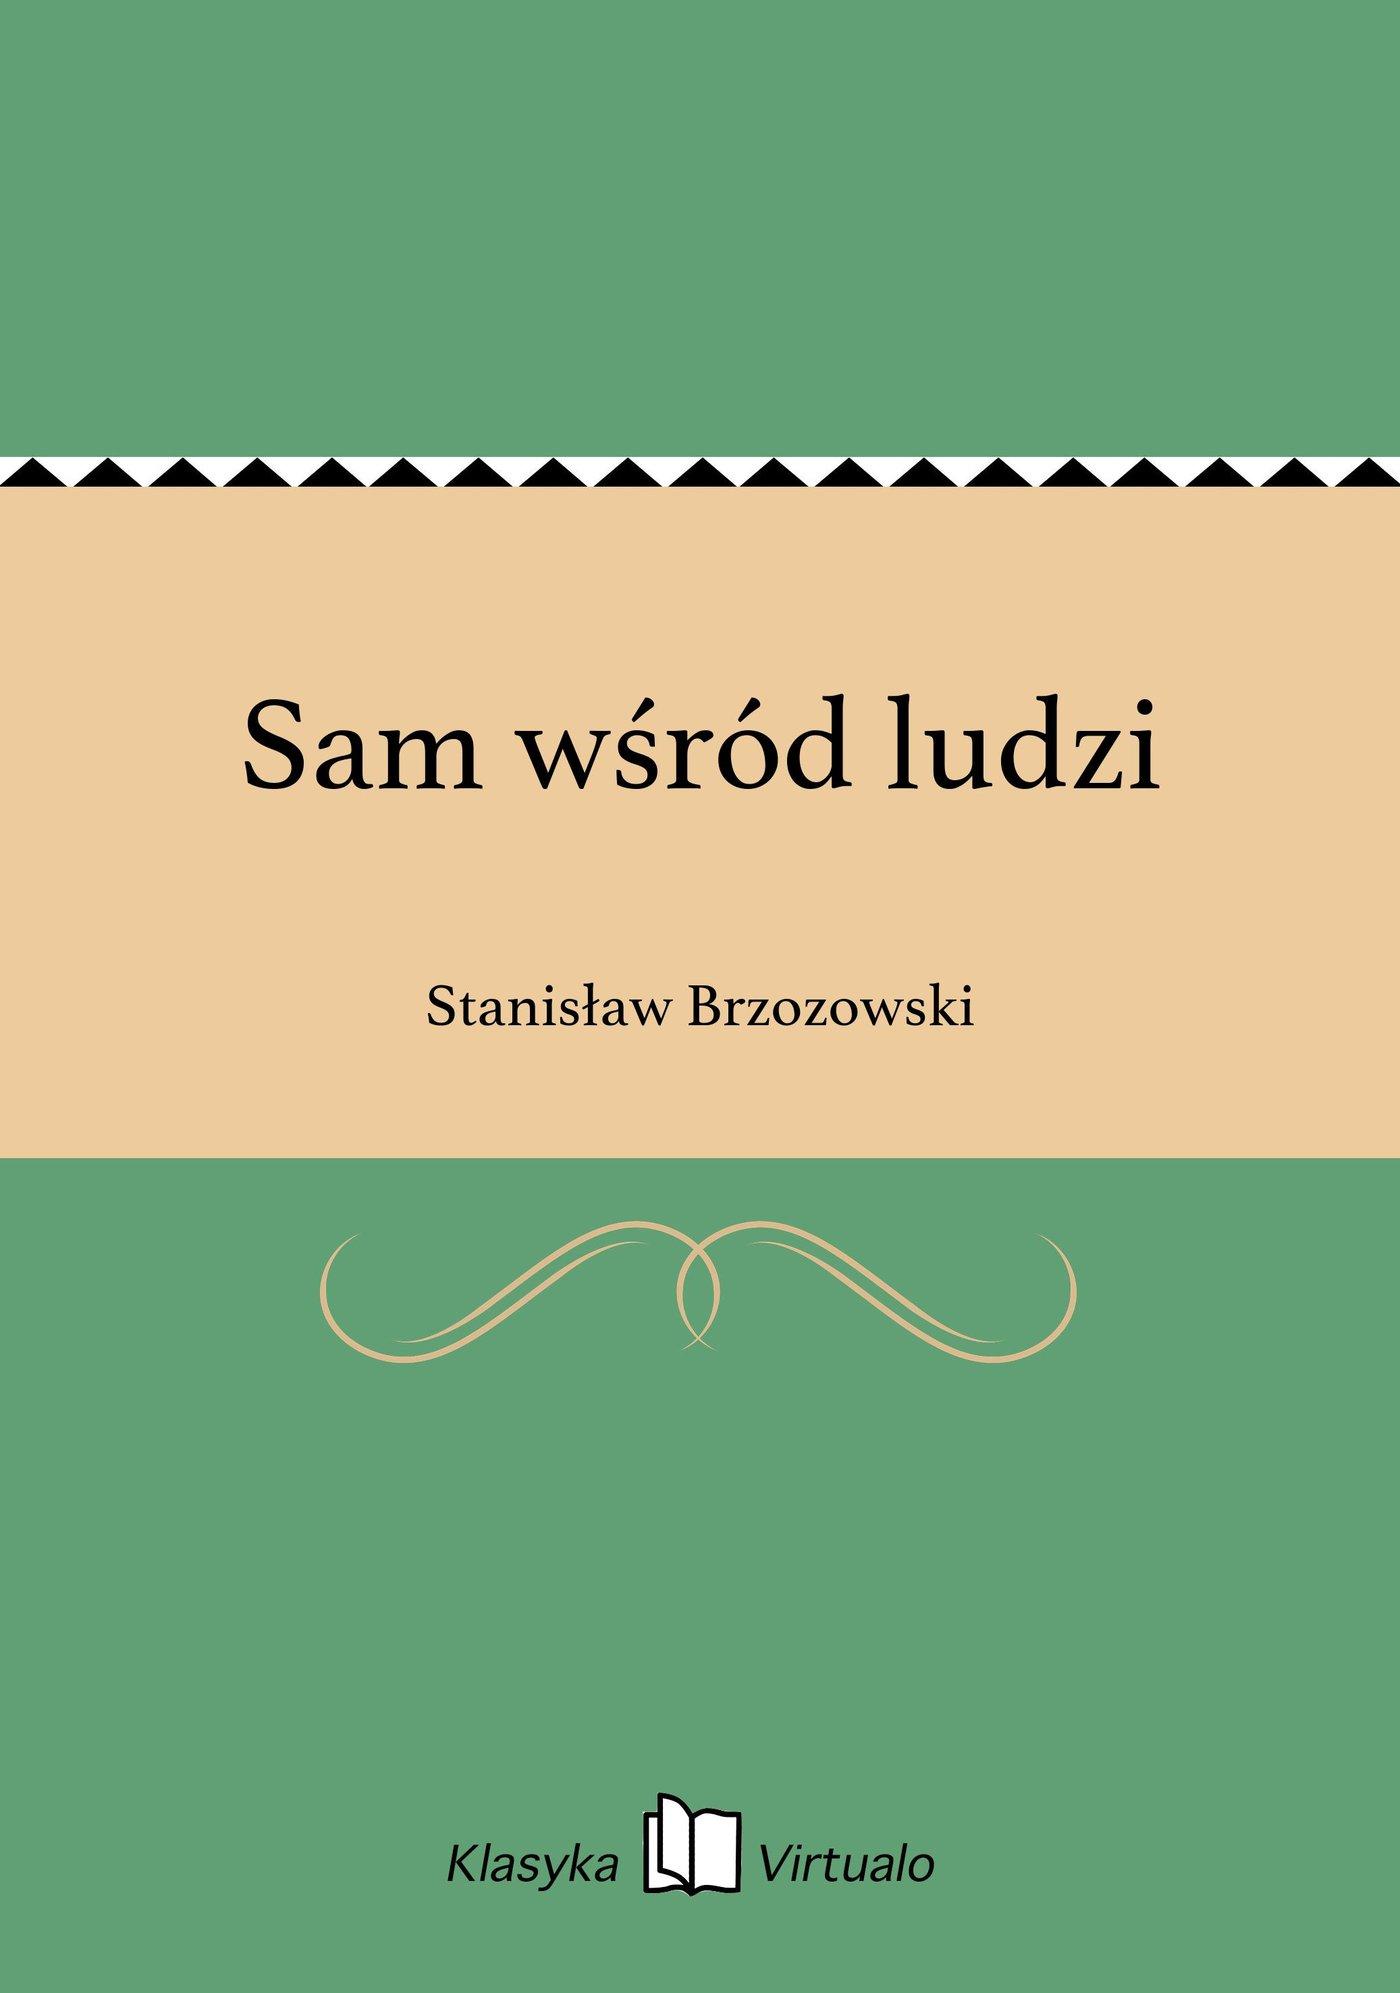 Sam wśród ludzi - Ebook (Książka EPUB) do pobrania w formacie EPUB